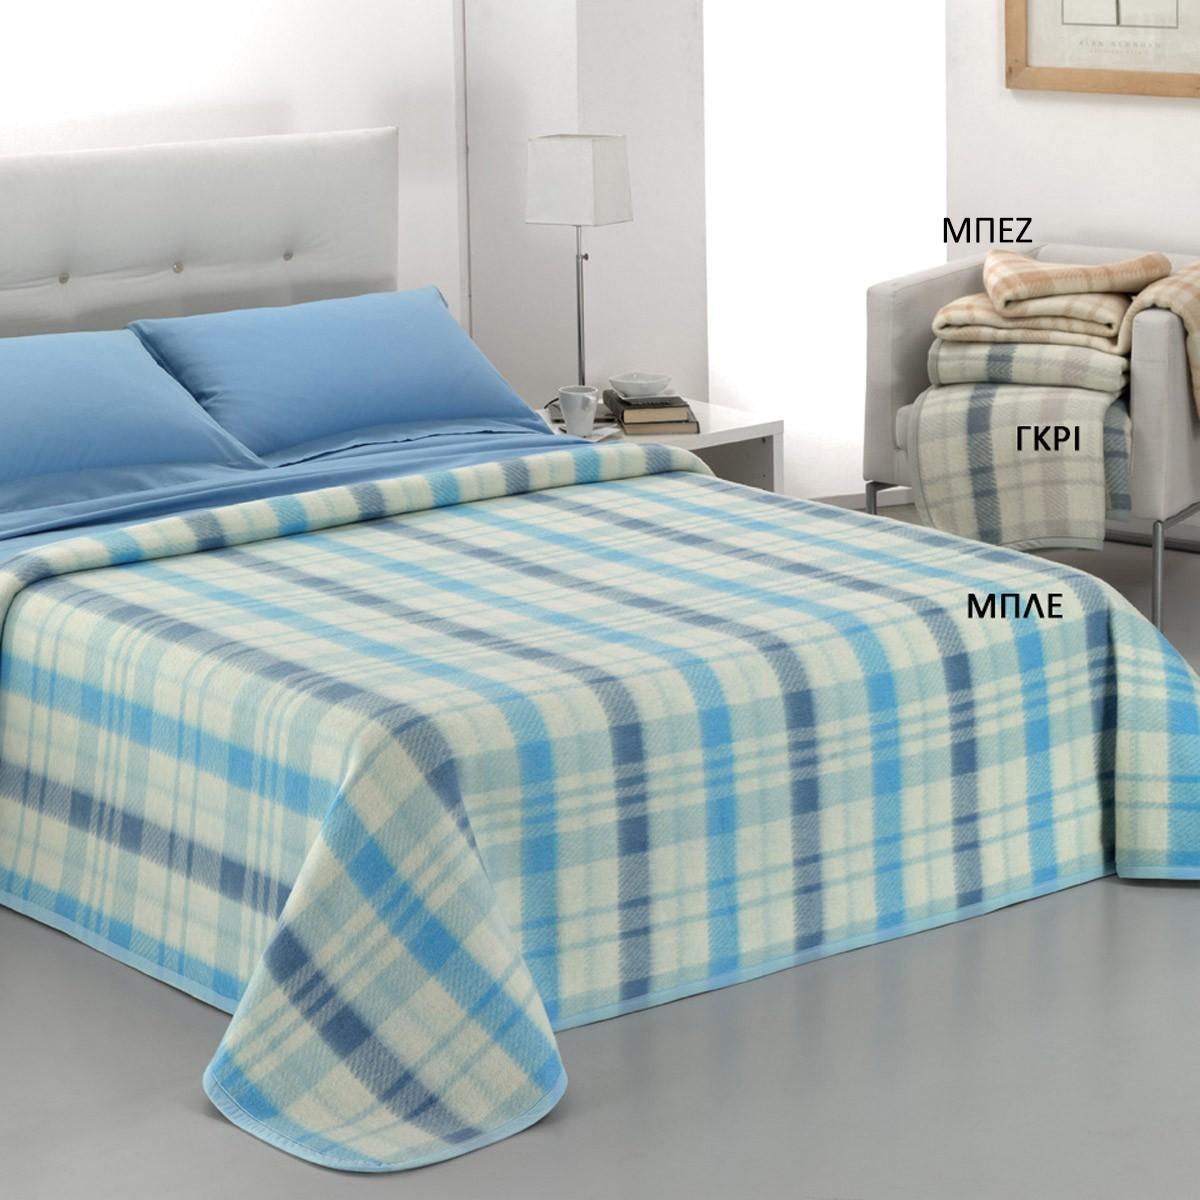 Κουβέρτα Μάλλινη Μονή White Clouds New England home   κρεβατοκάμαρα   κουβέρτες   κουβέρτες γούνινες   μάλλινες